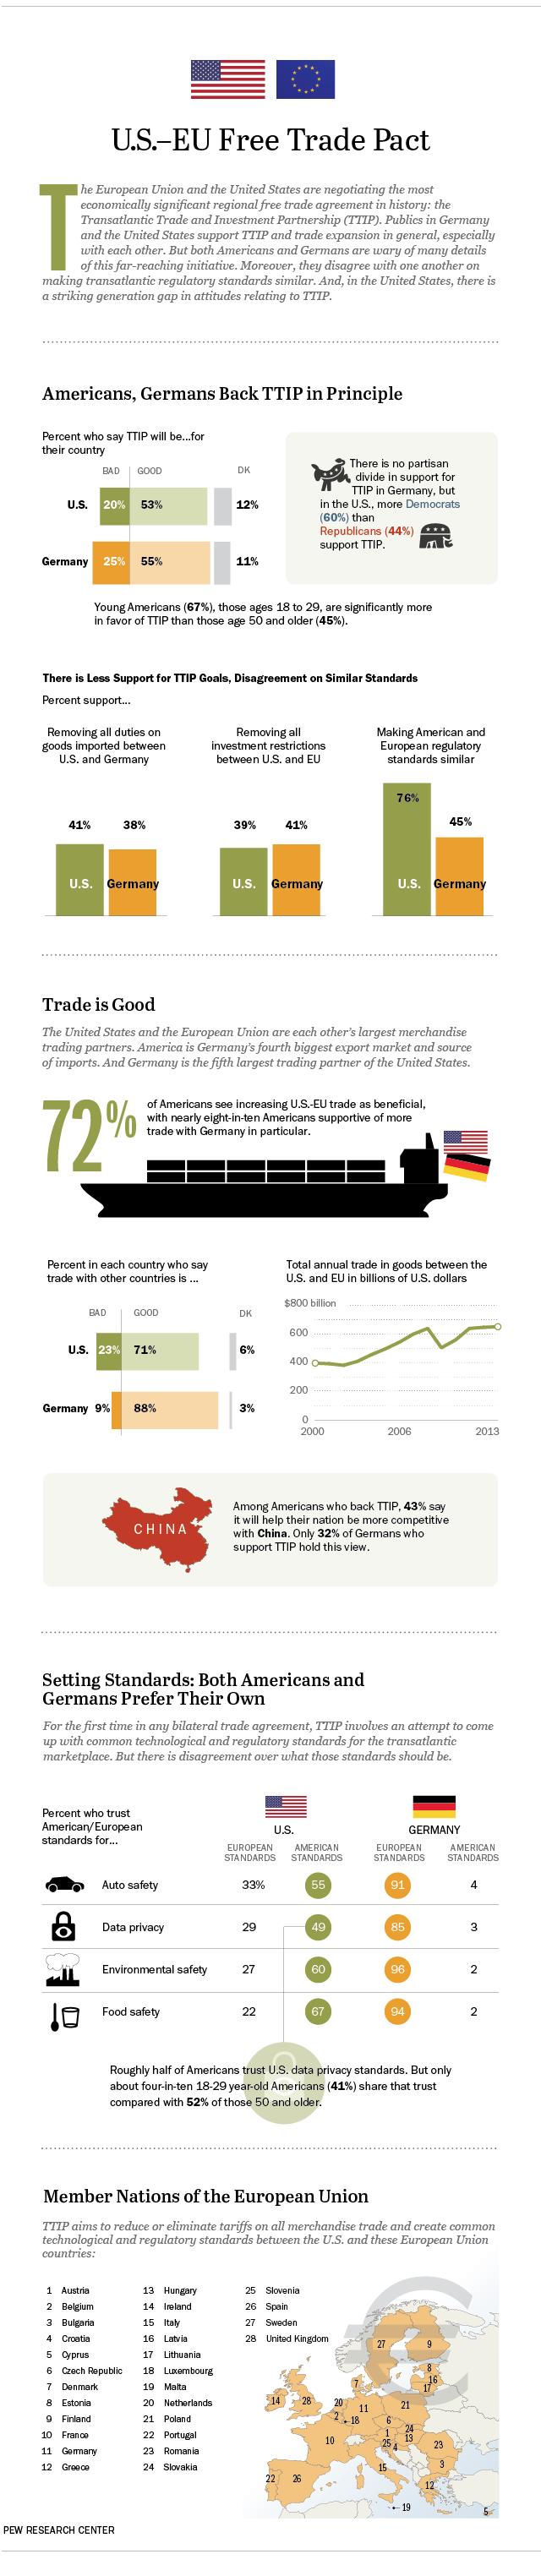 U.S.-EU Free Trade Pact